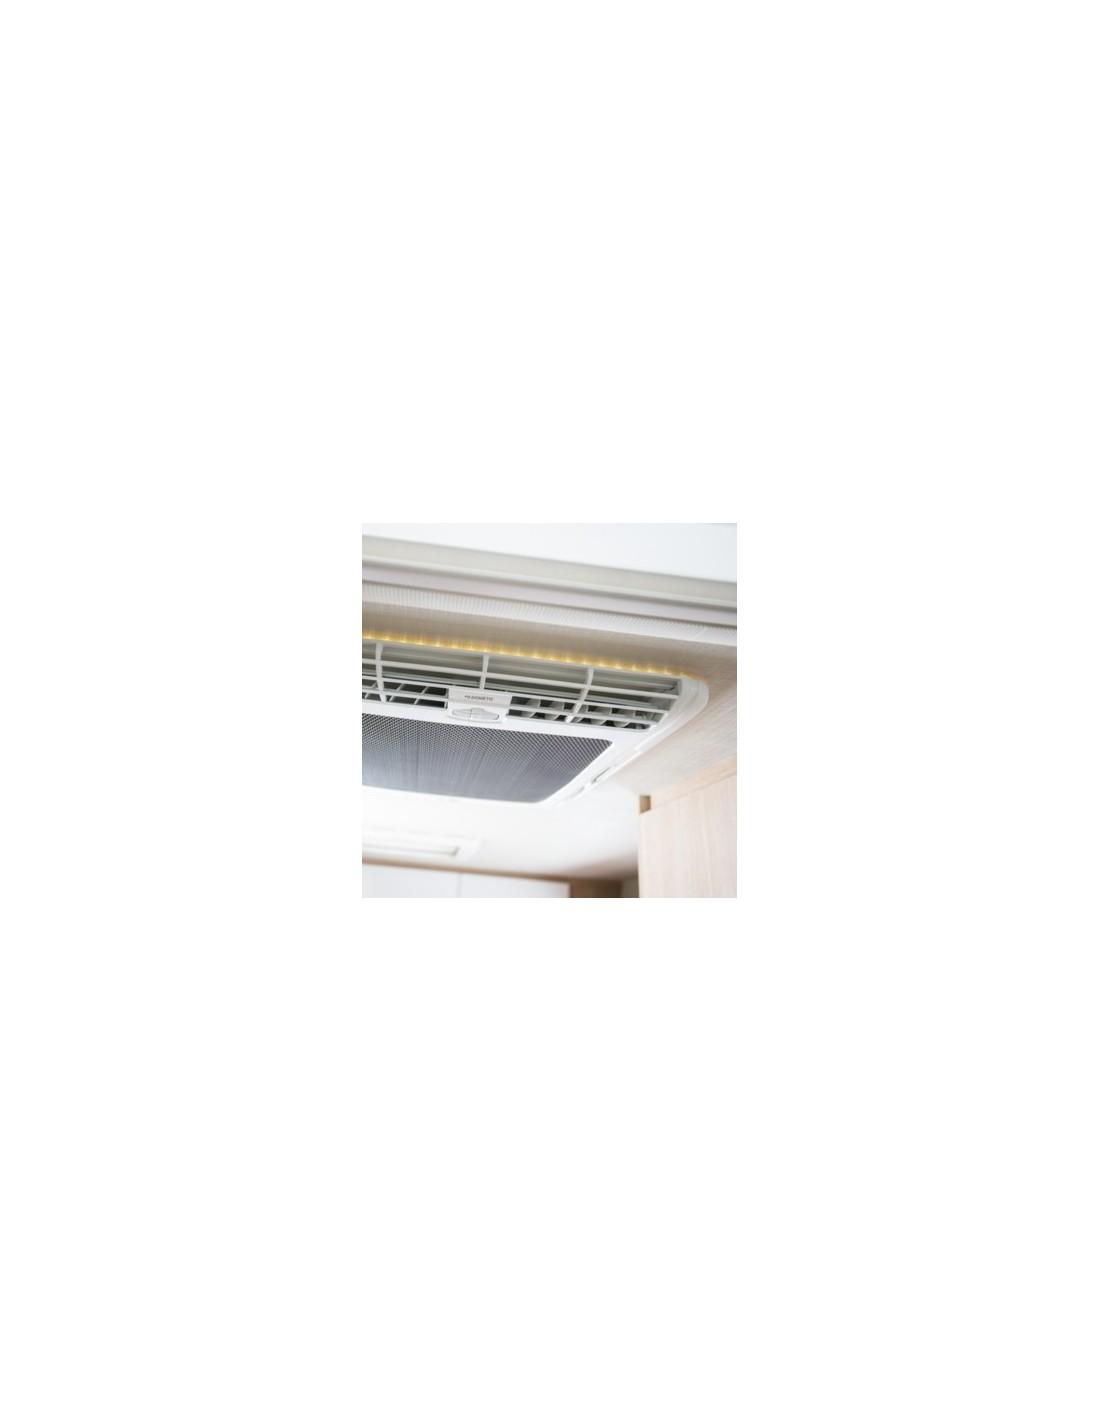 klimaanlage dometic freshjet 1700 mit luftverteiler. Black Bedroom Furniture Sets. Home Design Ideas